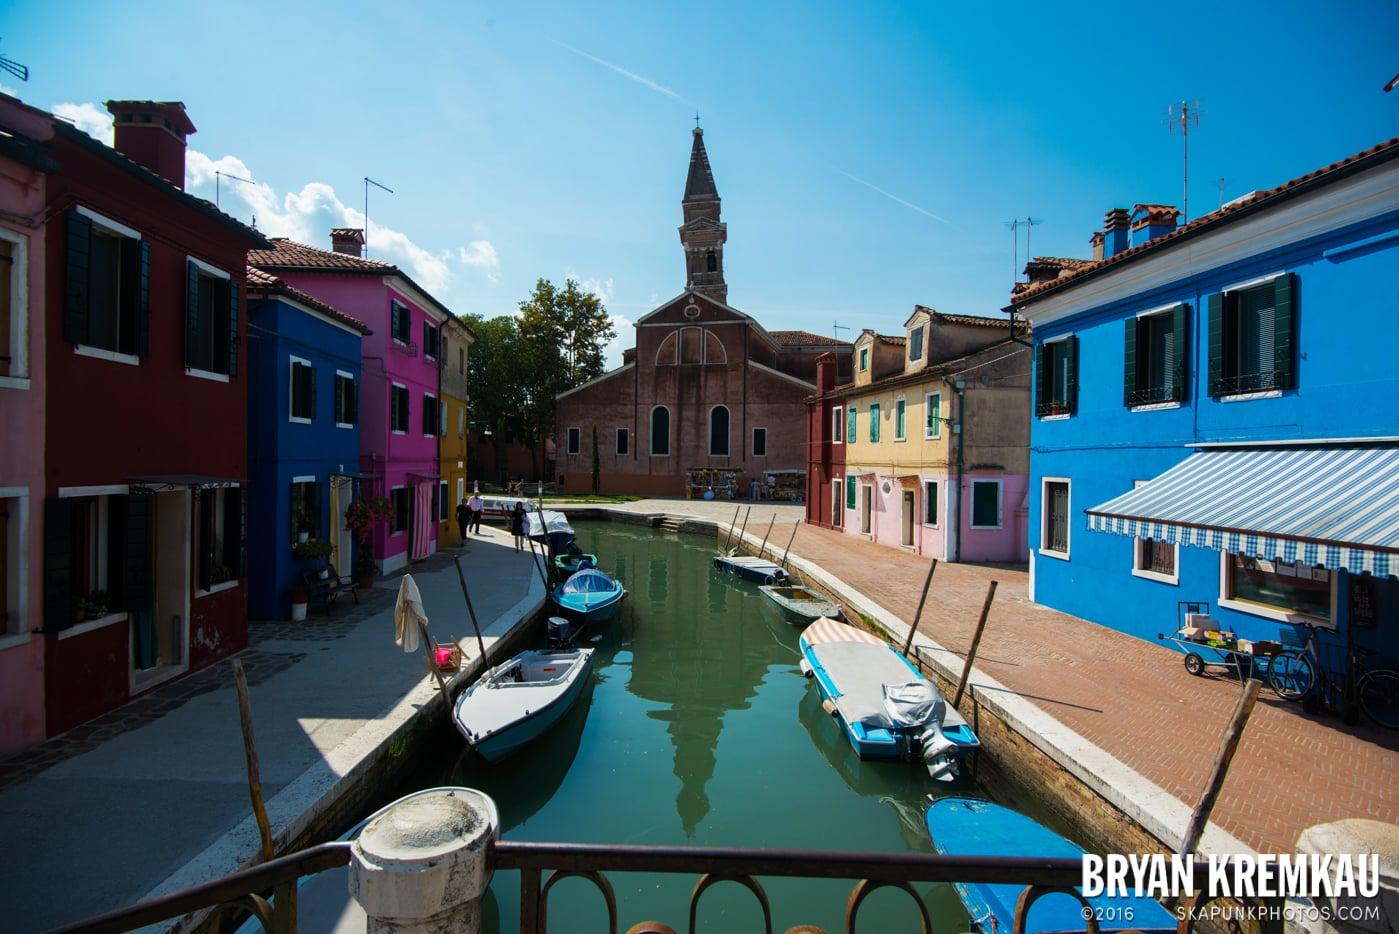 Italy Vacation - Day 6: Murano, Burano, Venice - 9.14.13 (50)